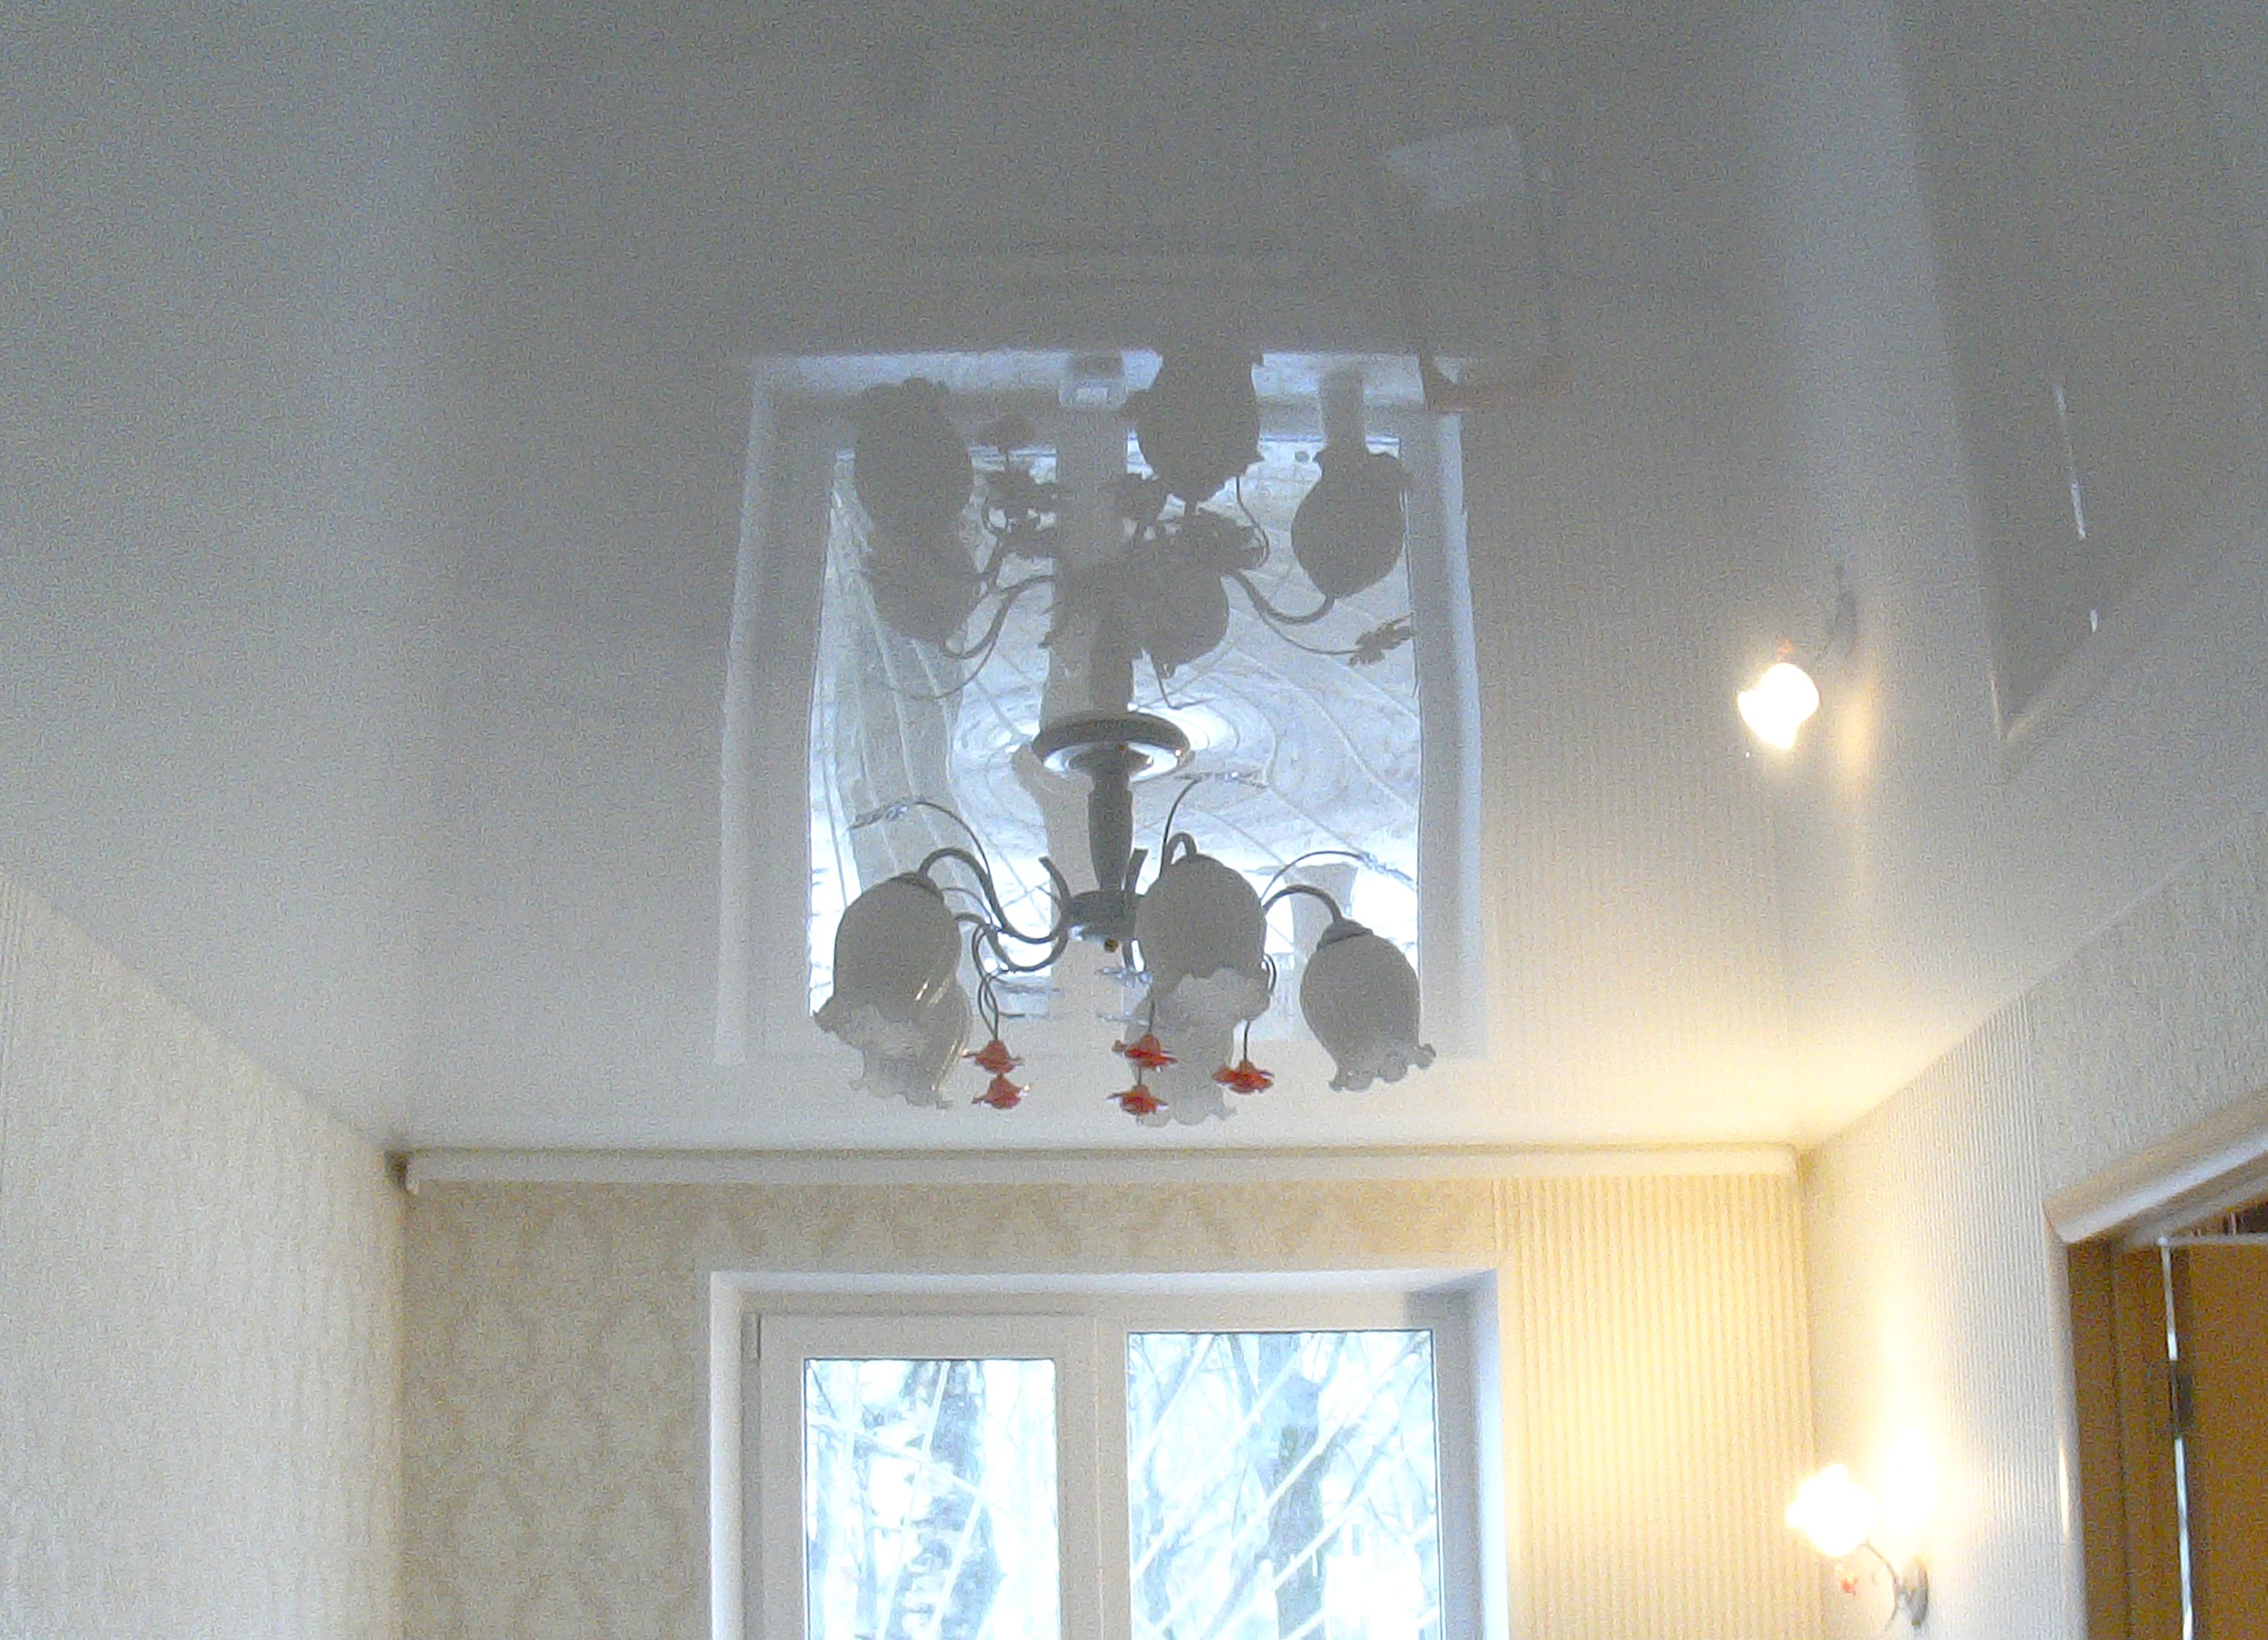 натяжные потолки фото глянцевые двухуровневые тканевые дизайн в Нижнем Новгороде